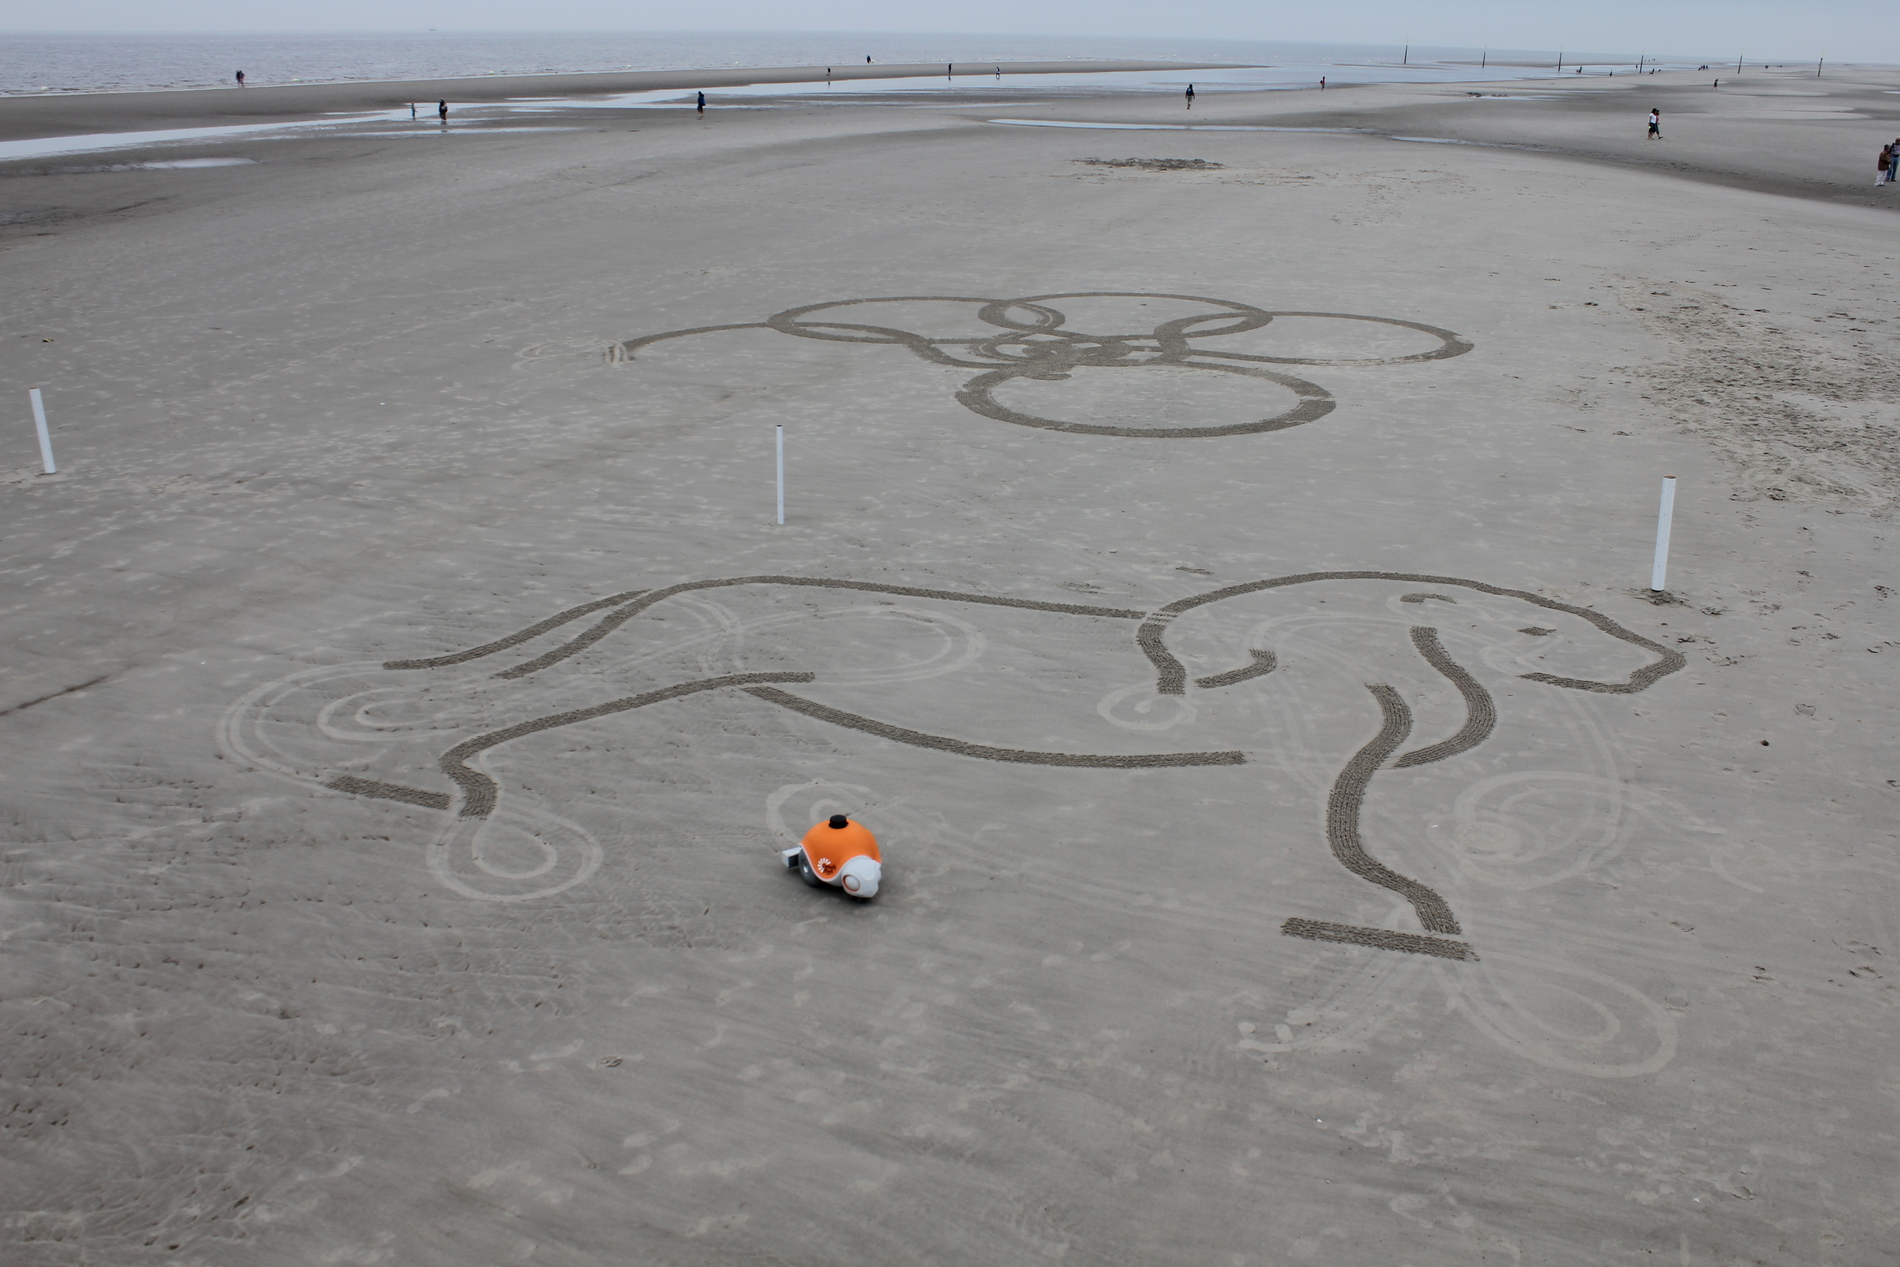 Diseño realizado desde el telefono y reproducido en la arena por el robot